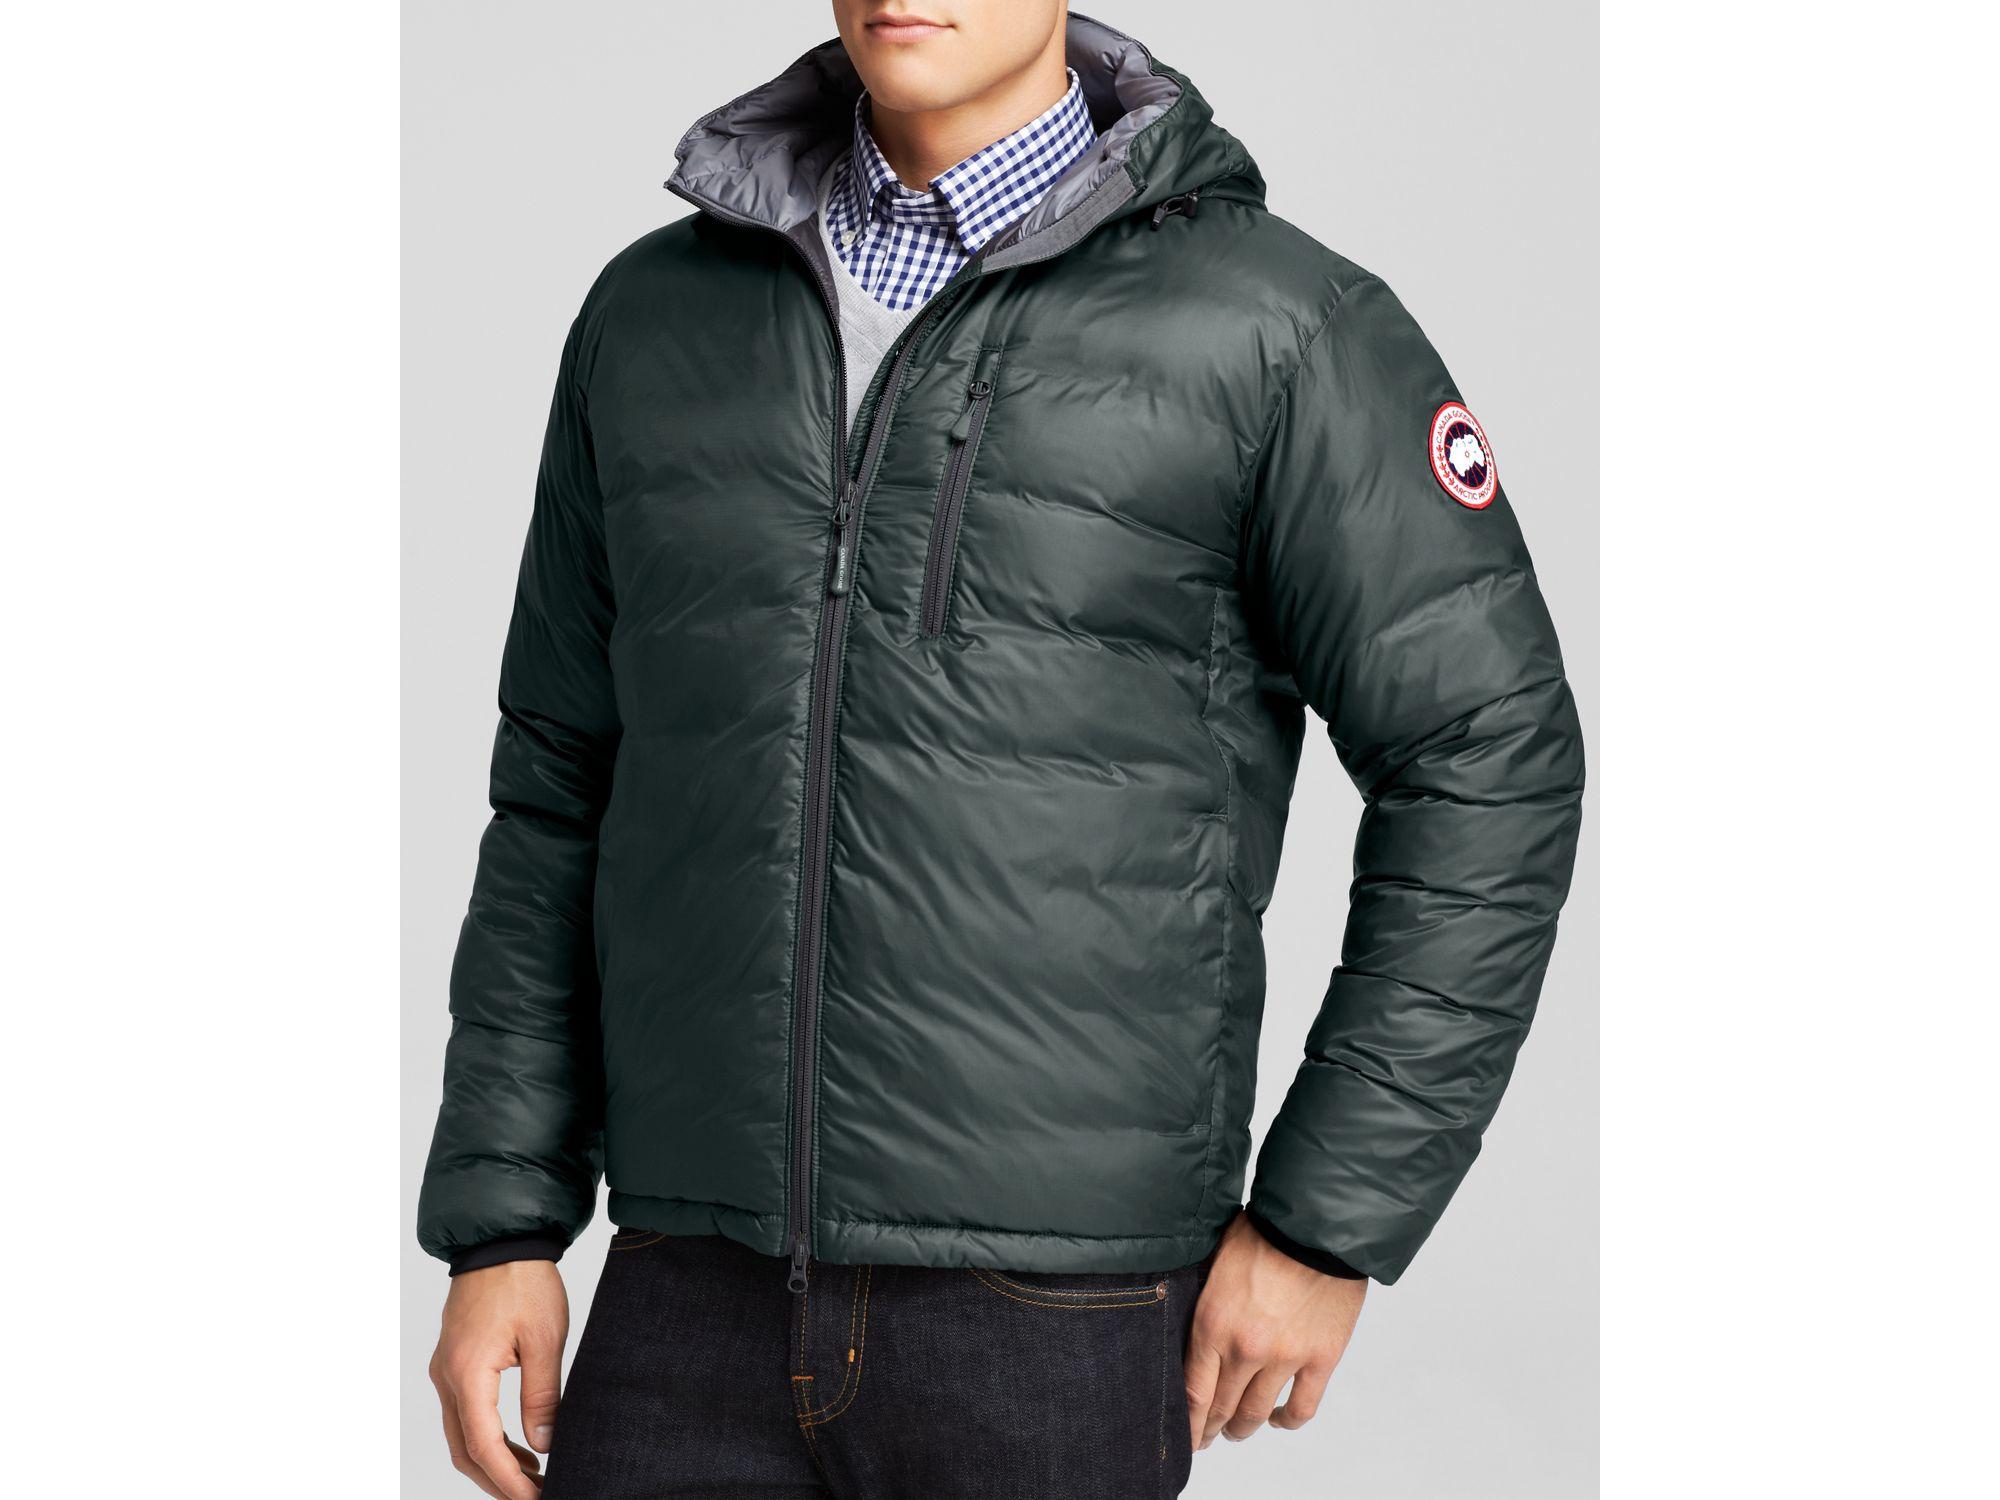 e225c2eb5c4e canada goose lodge down jacket uk